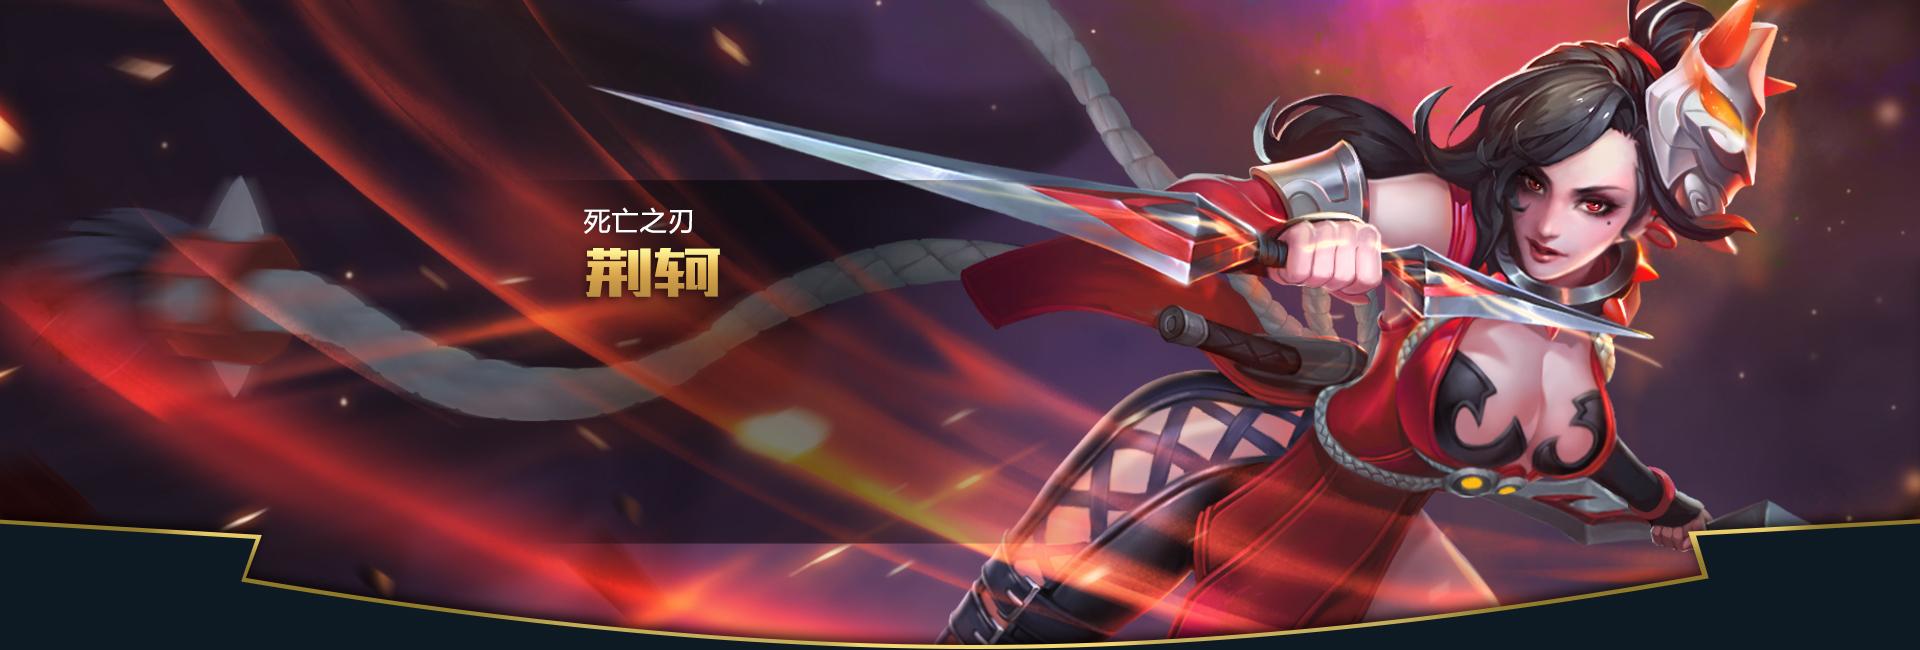 第2弹《王者荣耀英雄皮肤CG》竞技游戏57